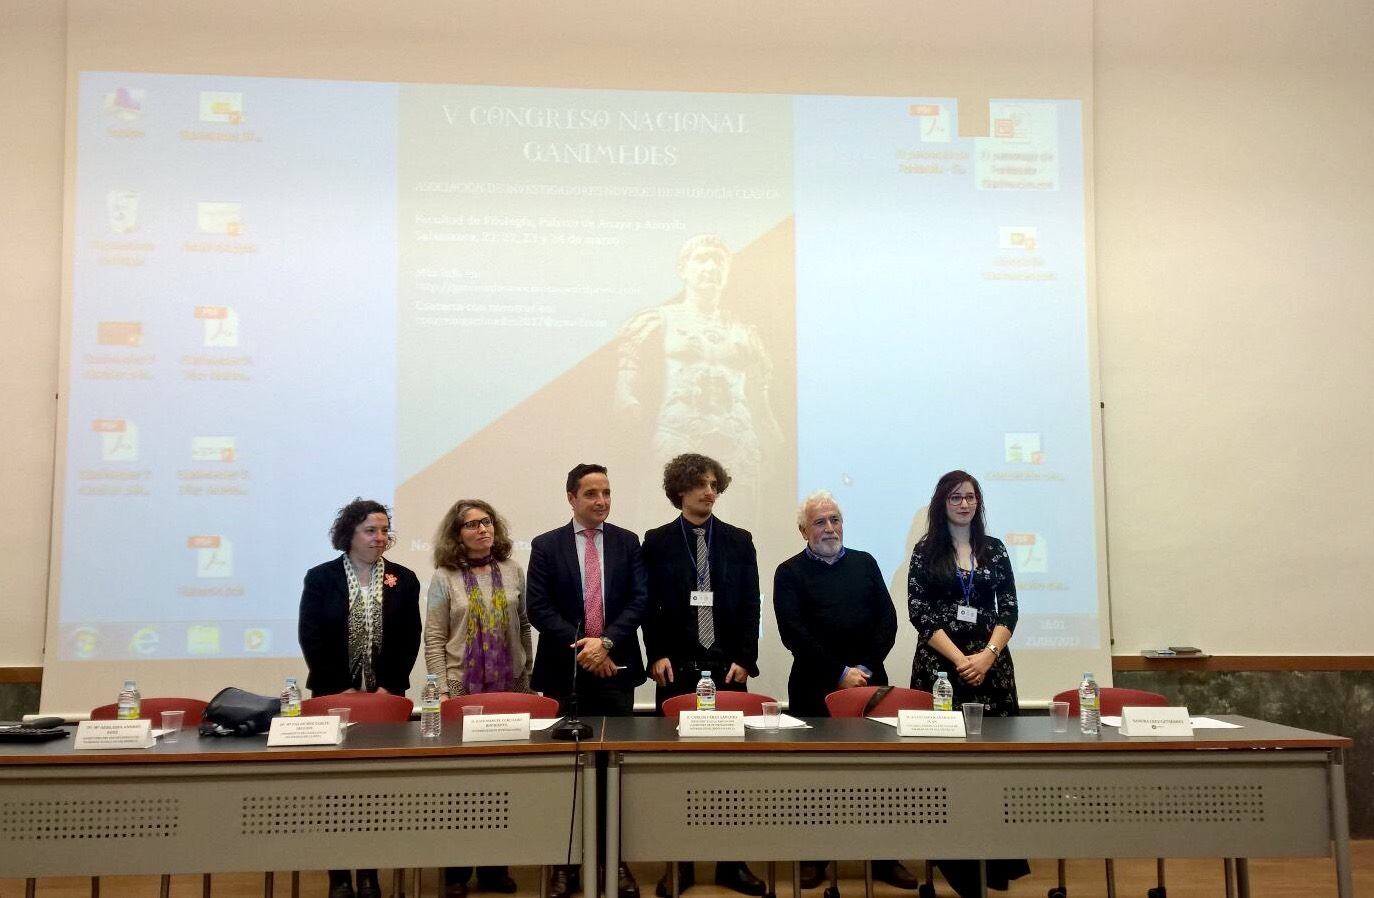 El vicerrector de Investigación y Transferencia inaugura en la Facultad de Filología el V Congreso Nacional Ganimedes